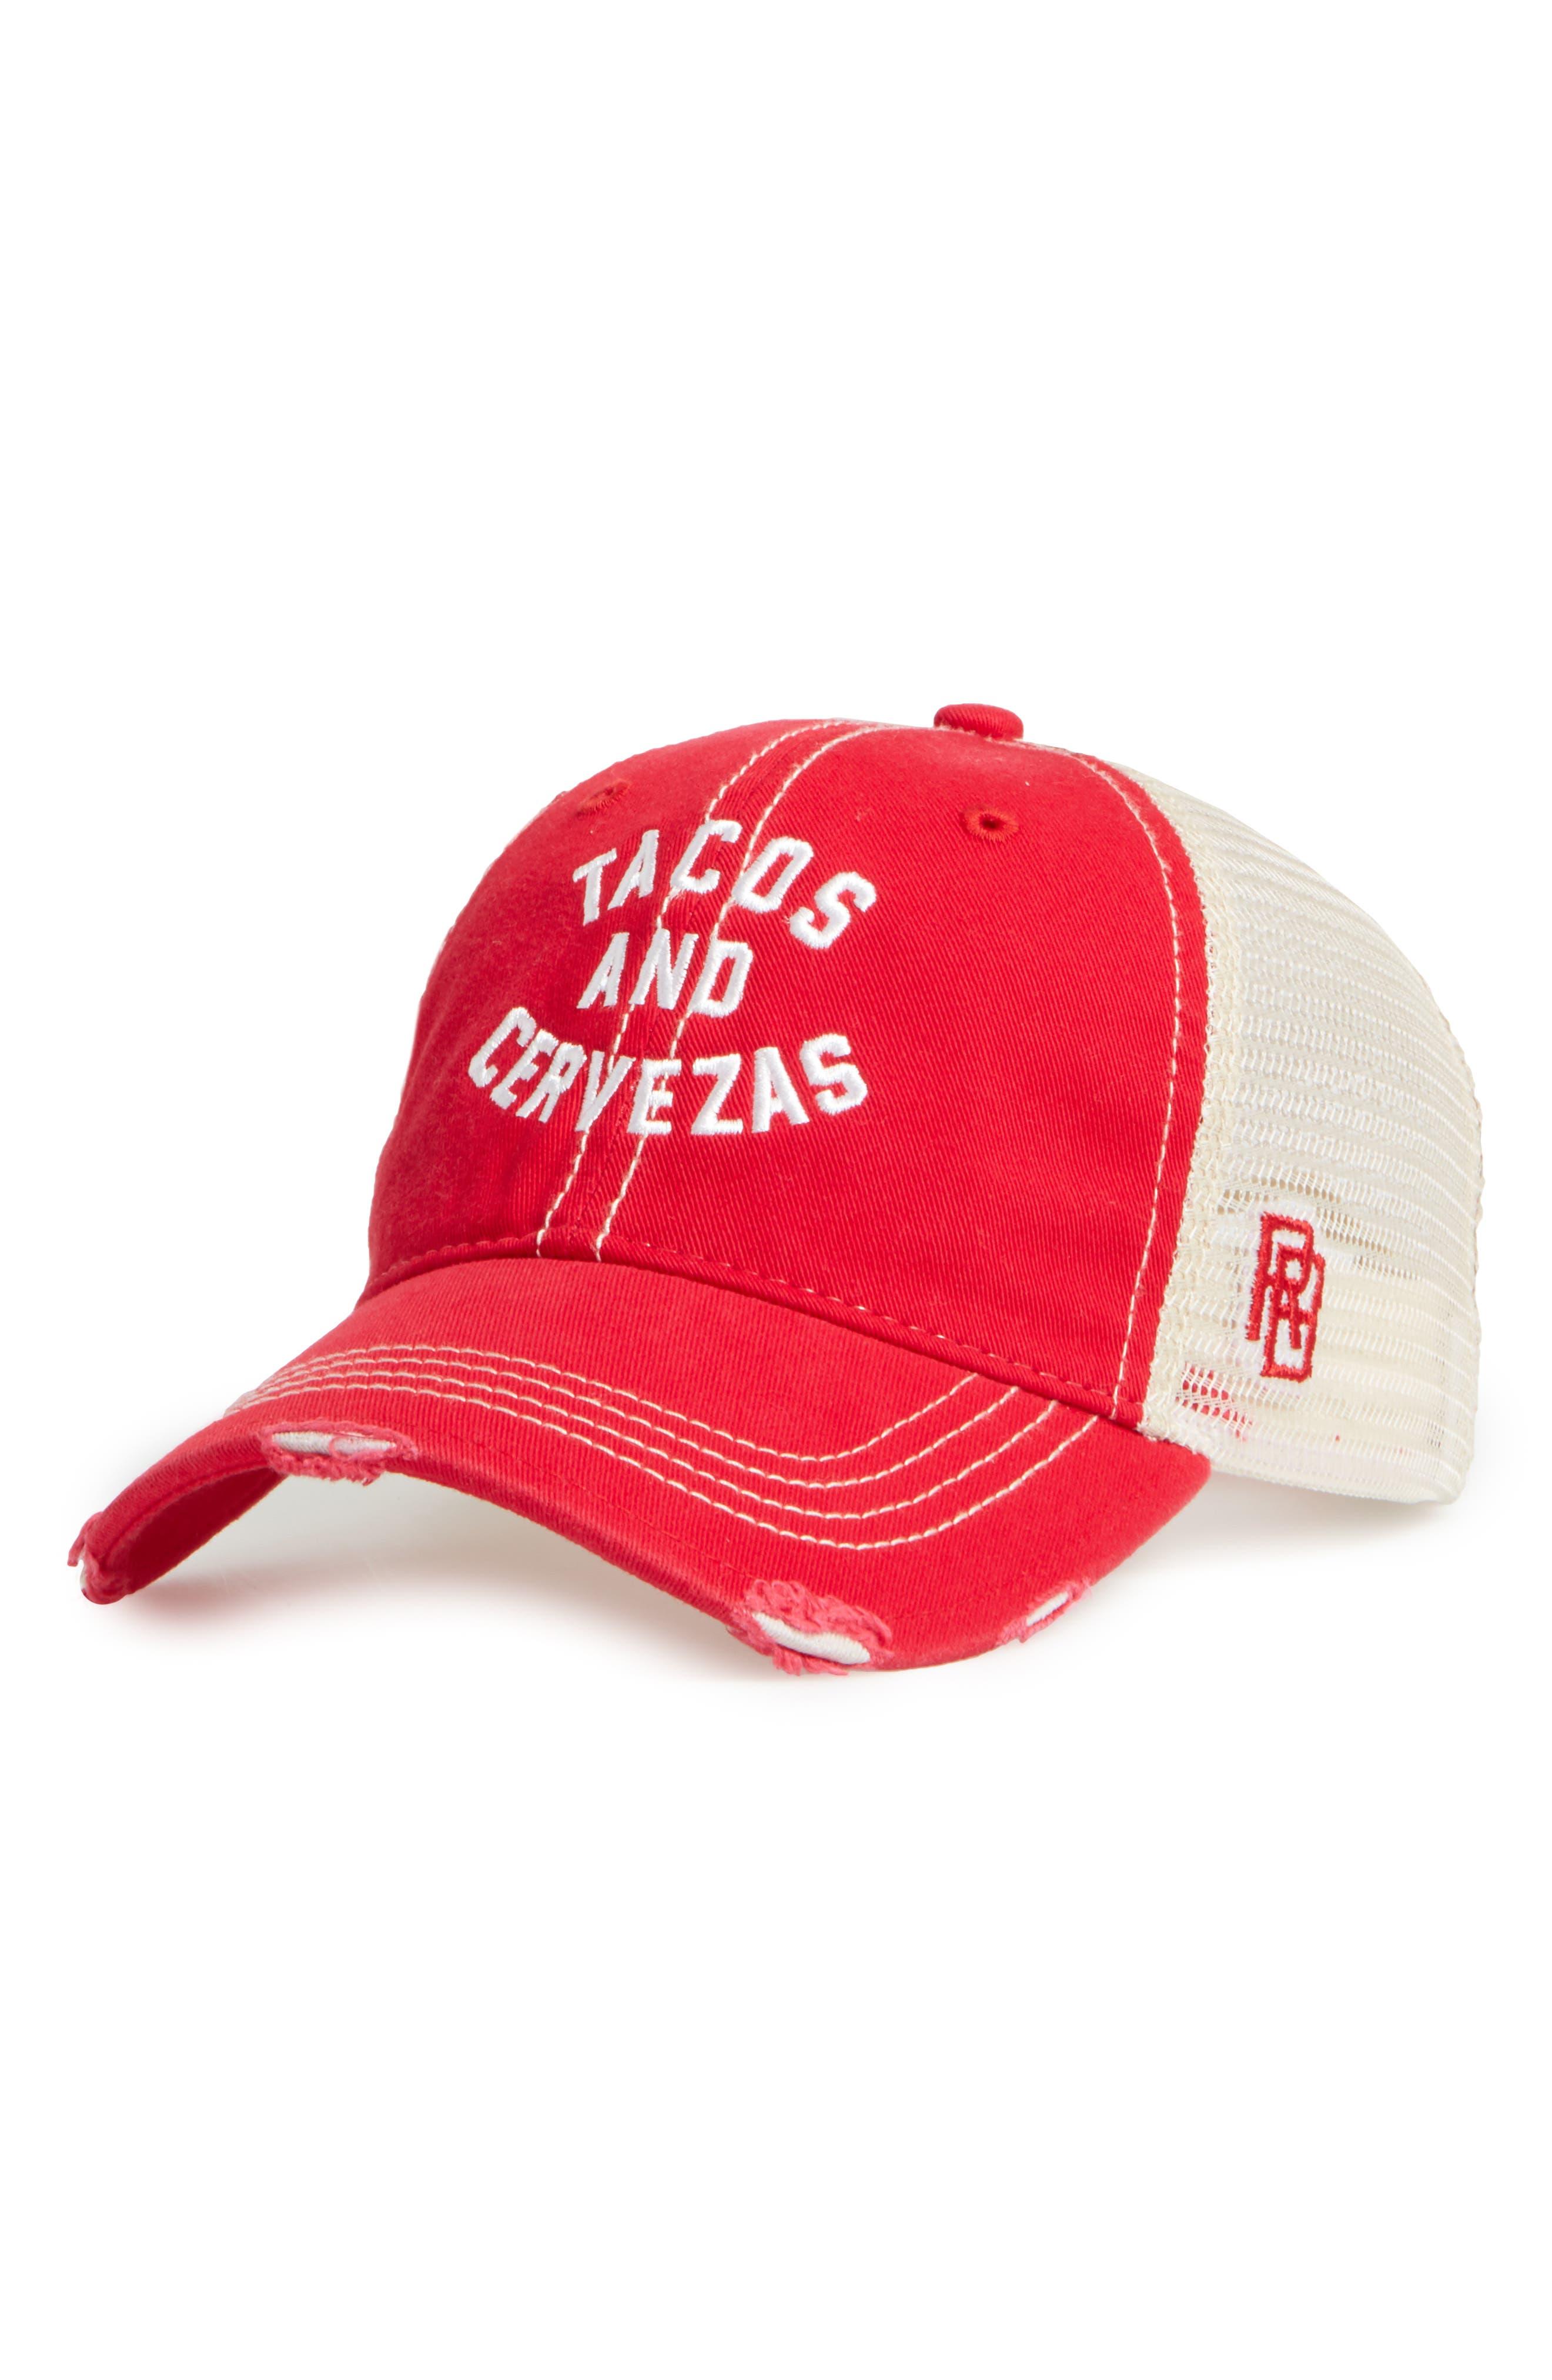 Original Retro Brand Tacos & Cervezas Trucker Hat